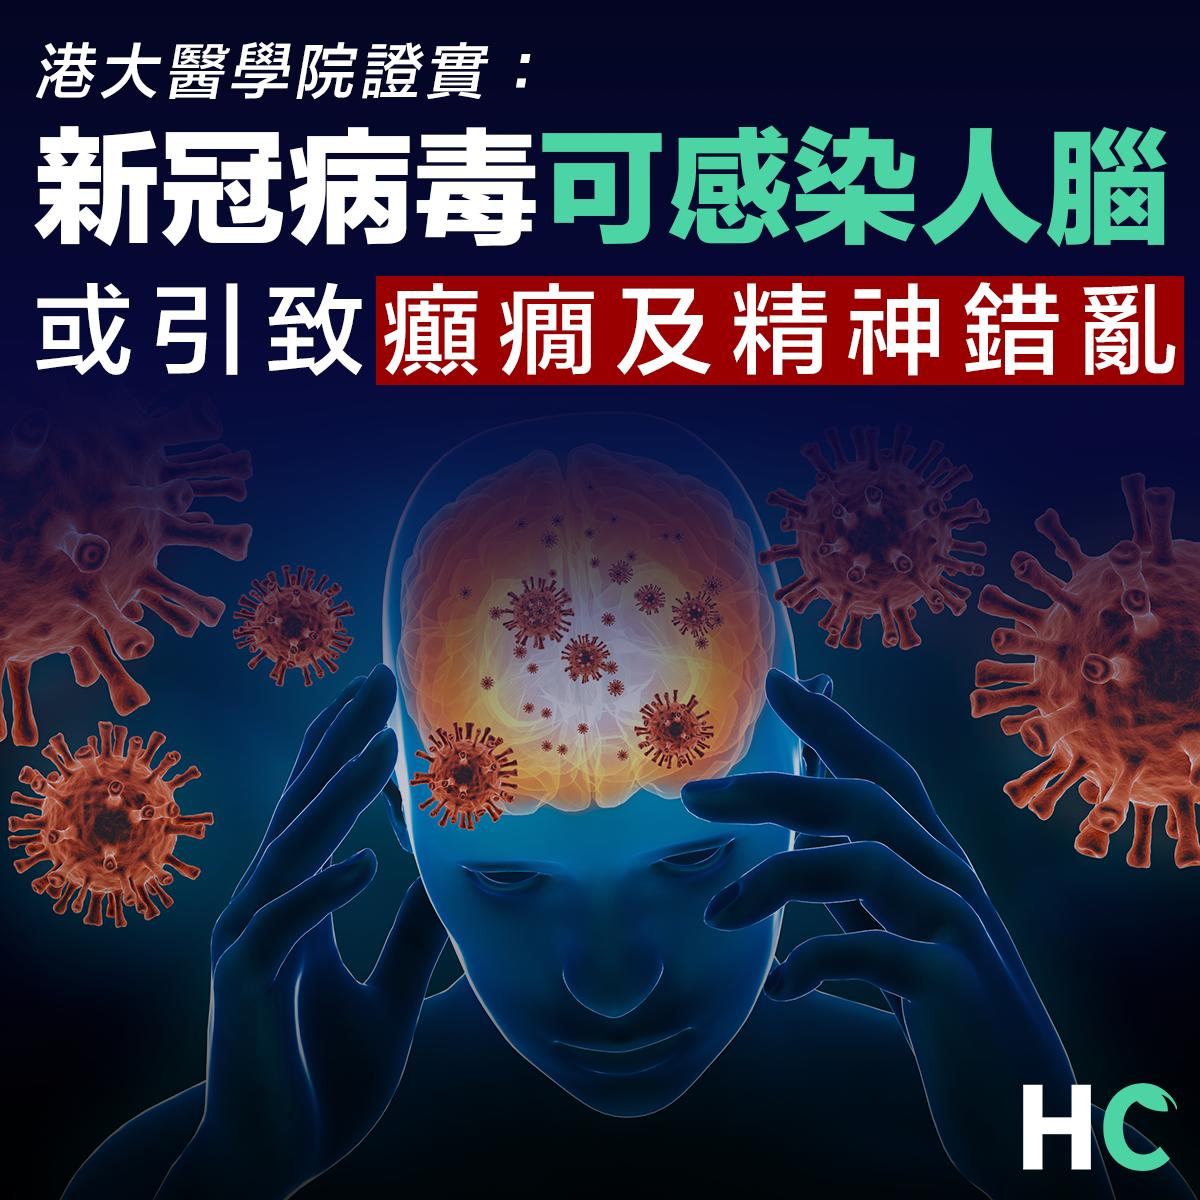 【#新型肺炎】港大證新冠病毒可感染人腦 或致癲癇精神錯亂